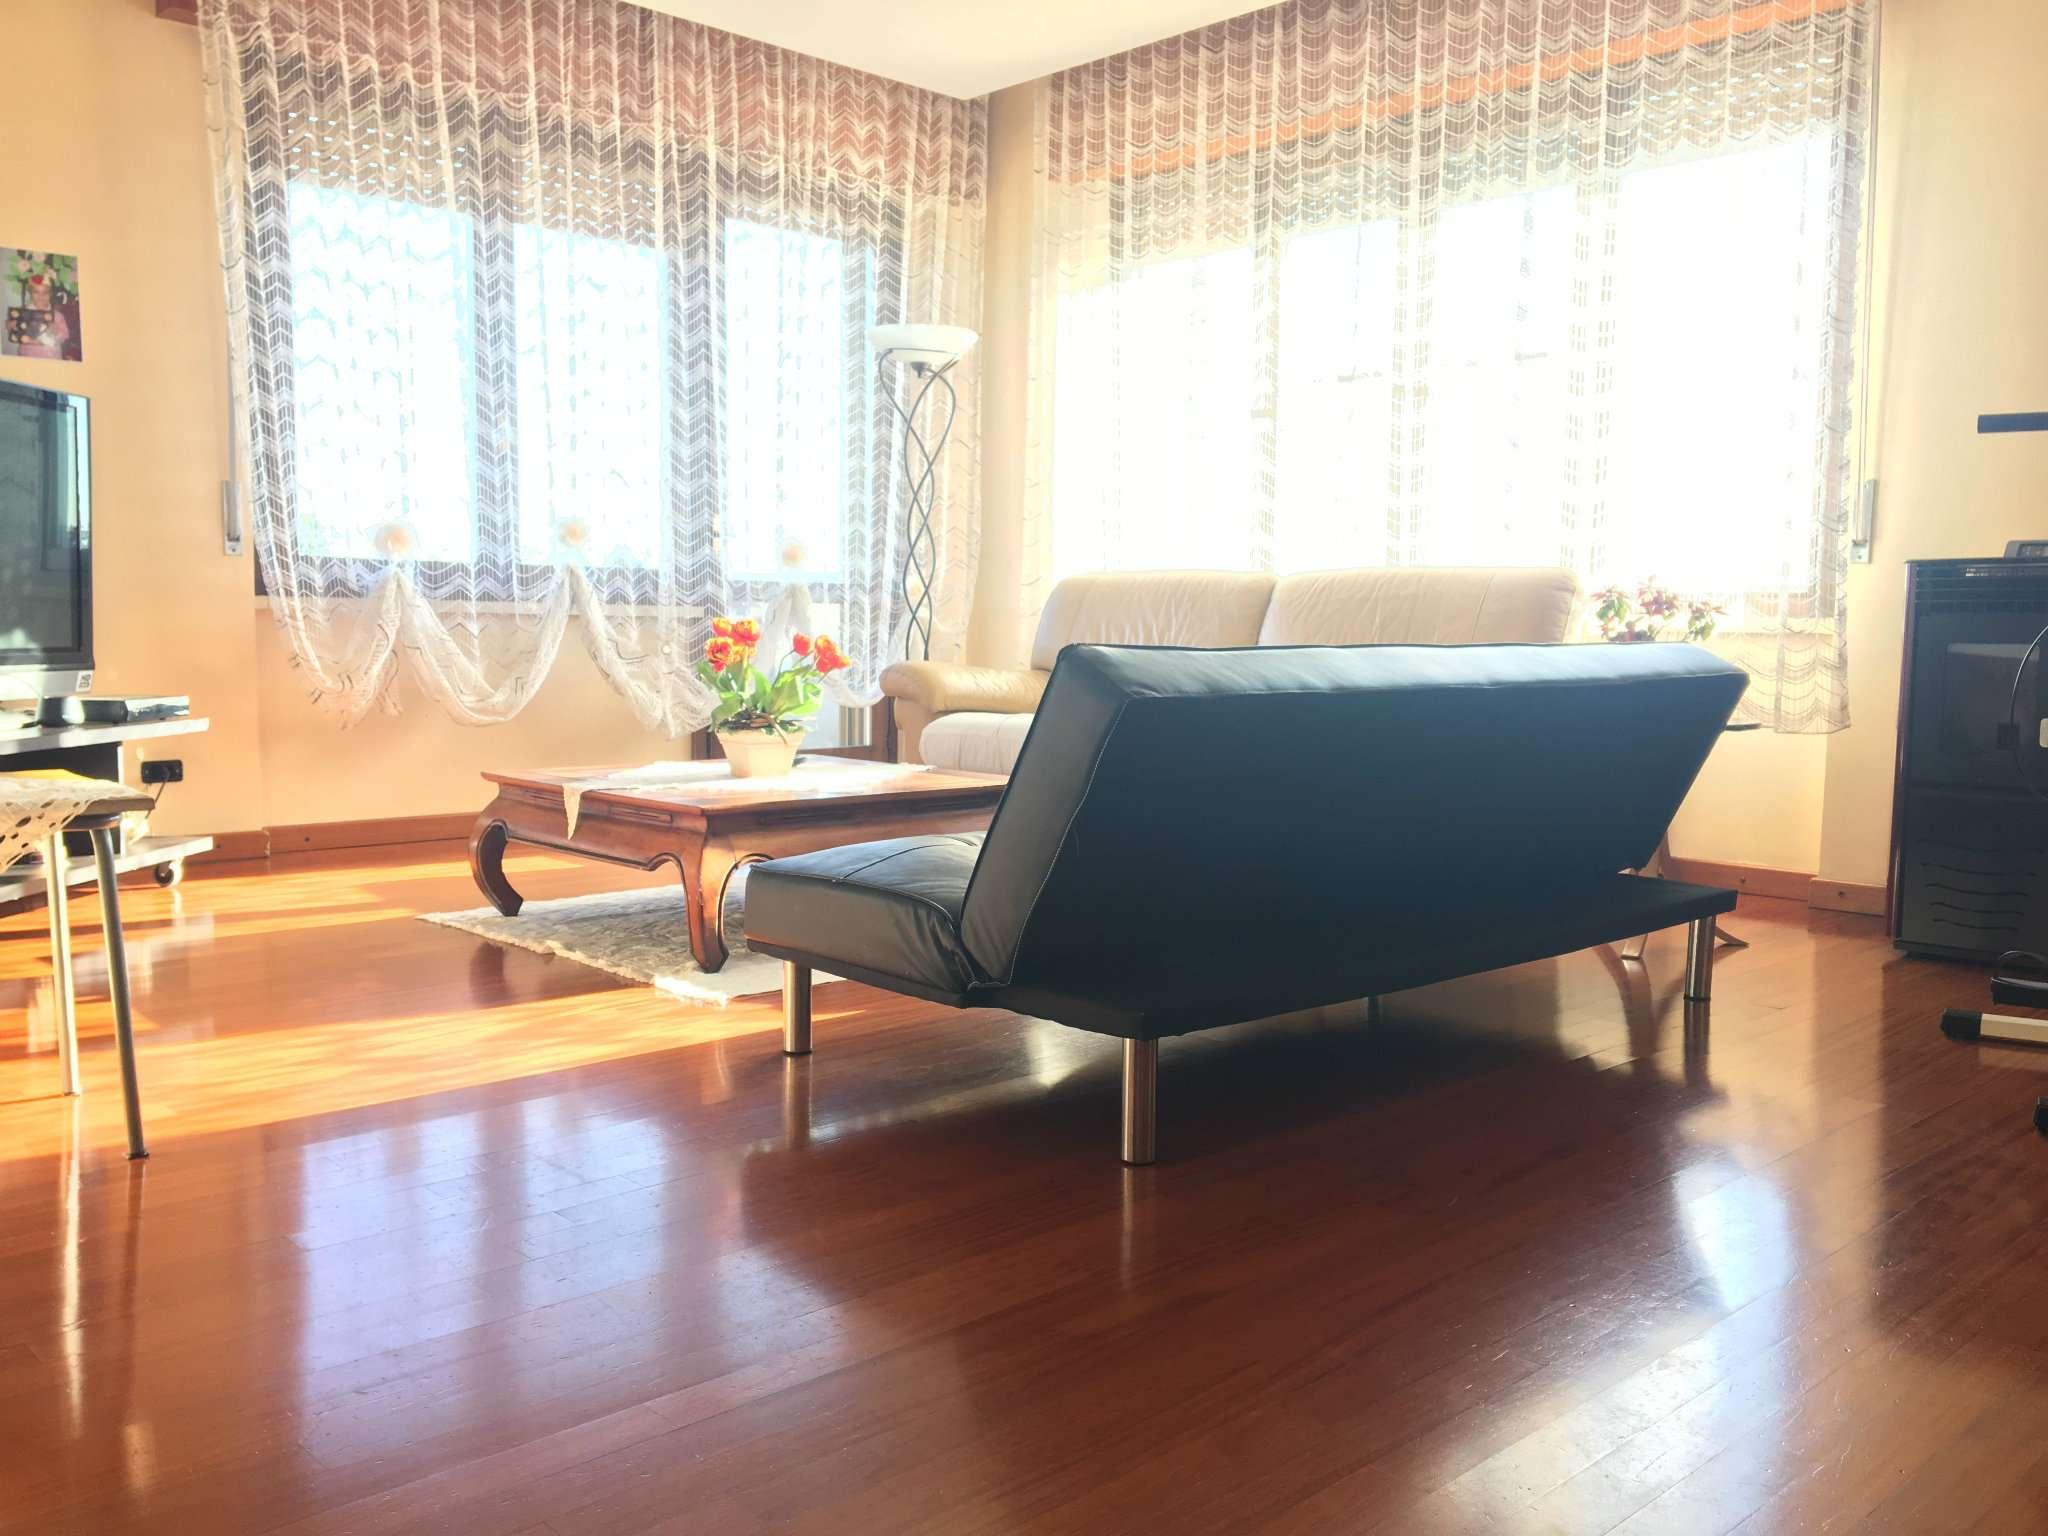 Appartamento in vendita a Gorla Maggiore, 4 locali, prezzo € 105.000 | Cambio Casa.it